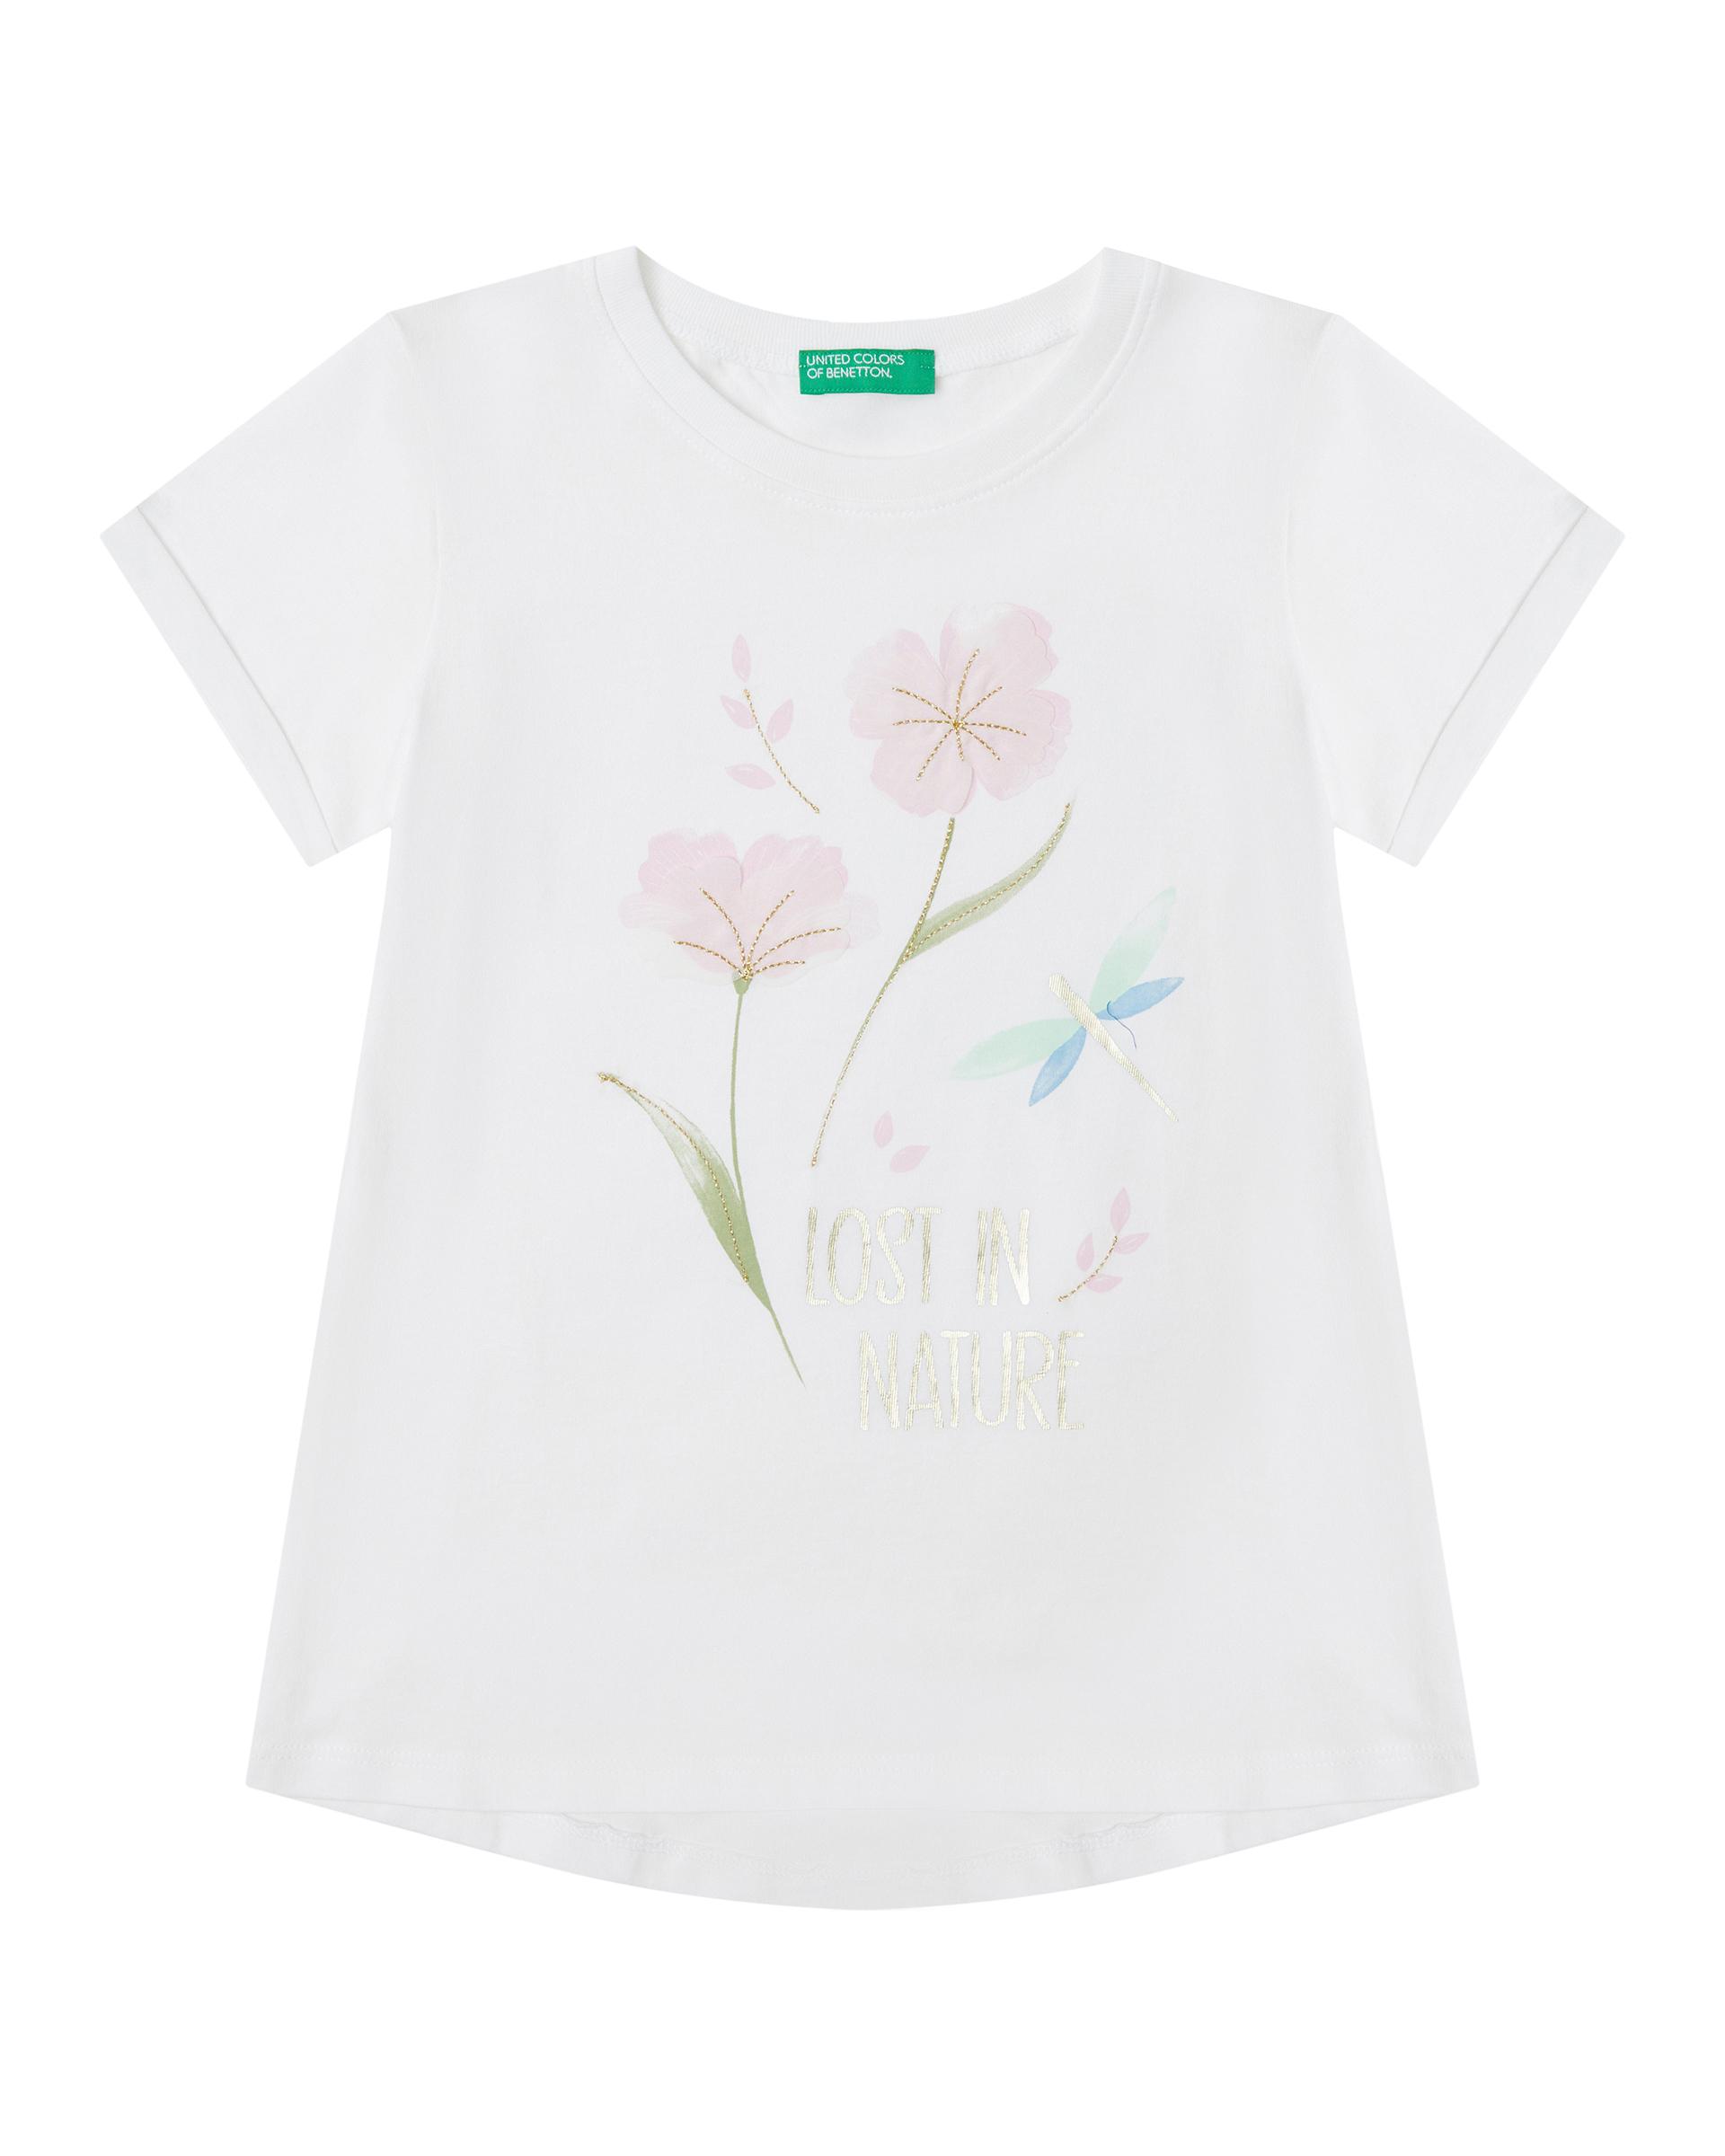 Купить 20P_3096C1BEP_101, Футболка для девочек Benetton 3096C1BEP_101 р-р 92, United Colors of Benetton, Кофточки, футболки для новорожденных